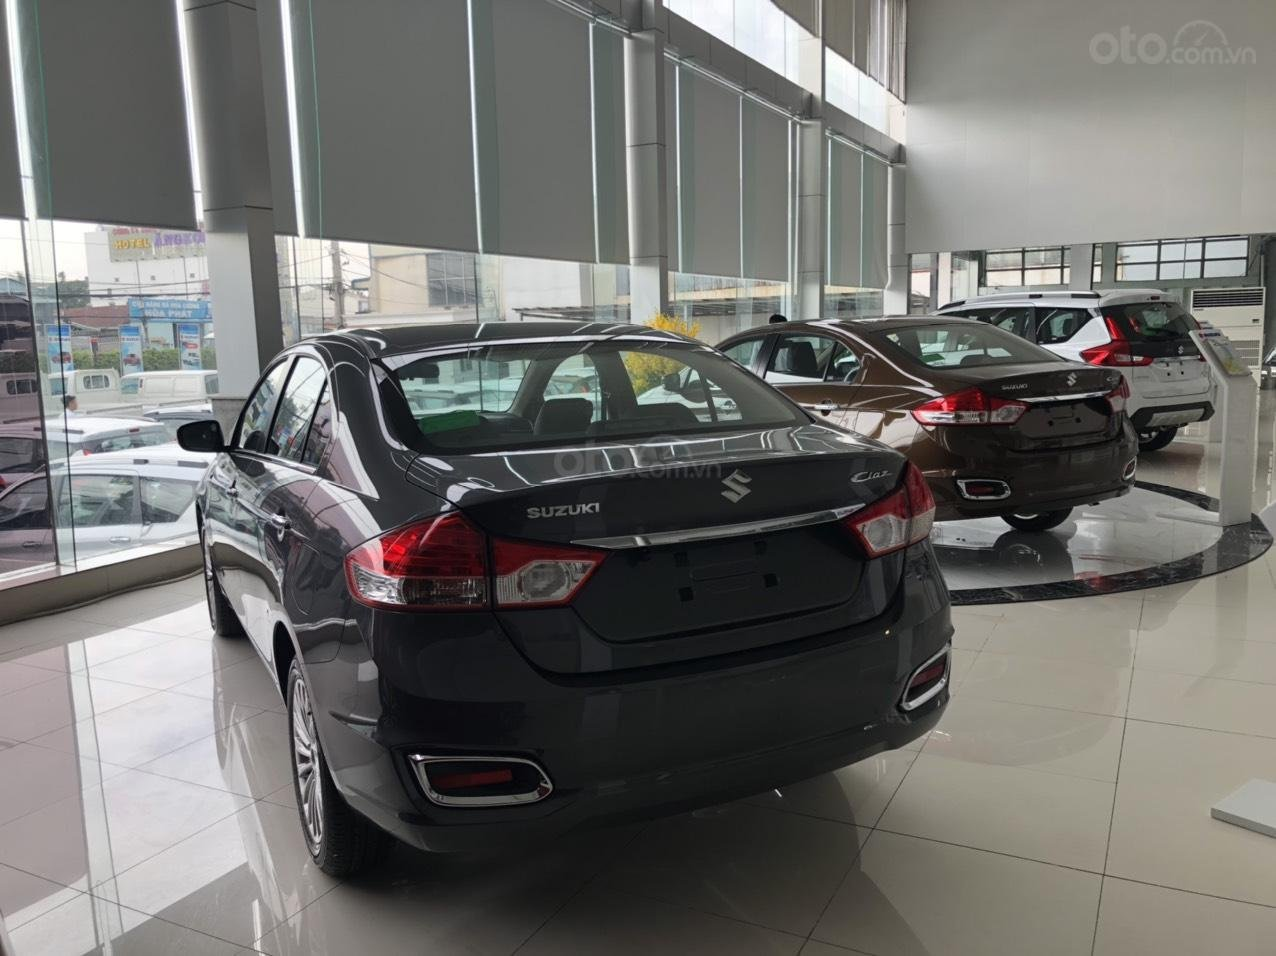 Suzuki Ciaz 2021 giá tốt nhất miền Nam - ưu đãi tiền mặt 35tr - Hỗ trợ giảm 50% thuế trước bạ (6)